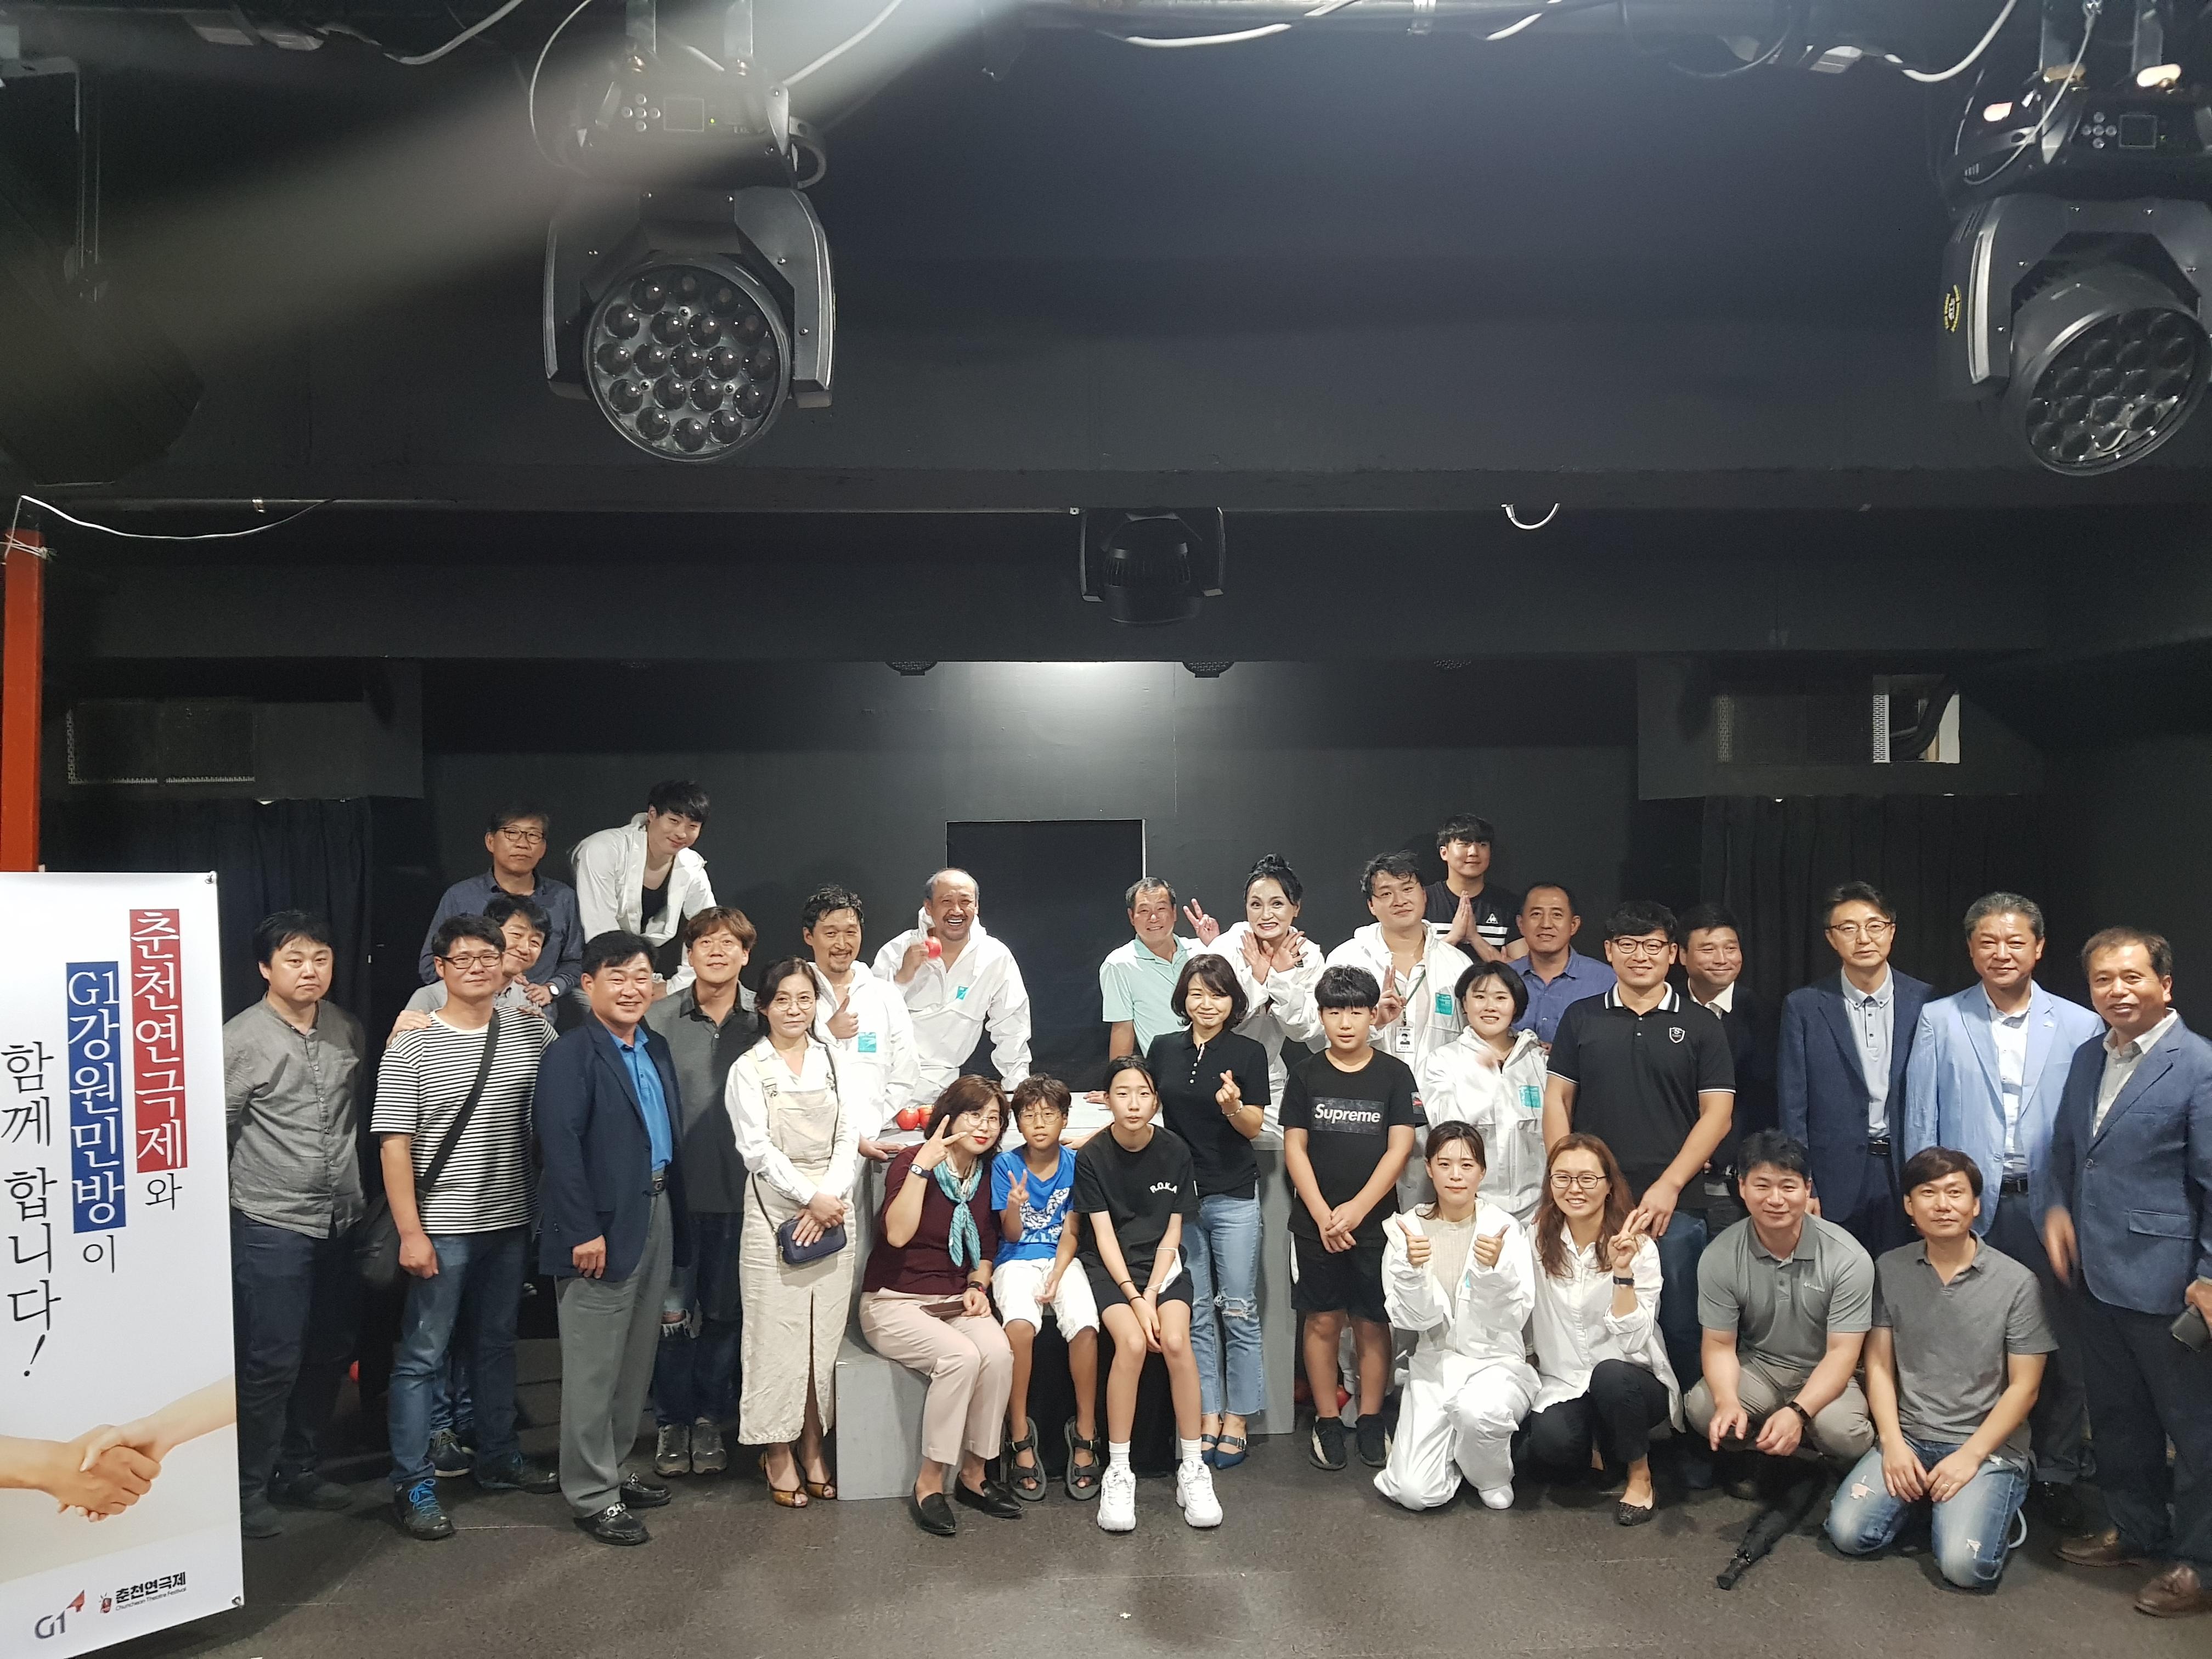 [기획공연]G1, 강원일보, 춘천시문화재단과 함께한2019춘천연극제대상/연출상수상작<그날이 올 텐데>9/7